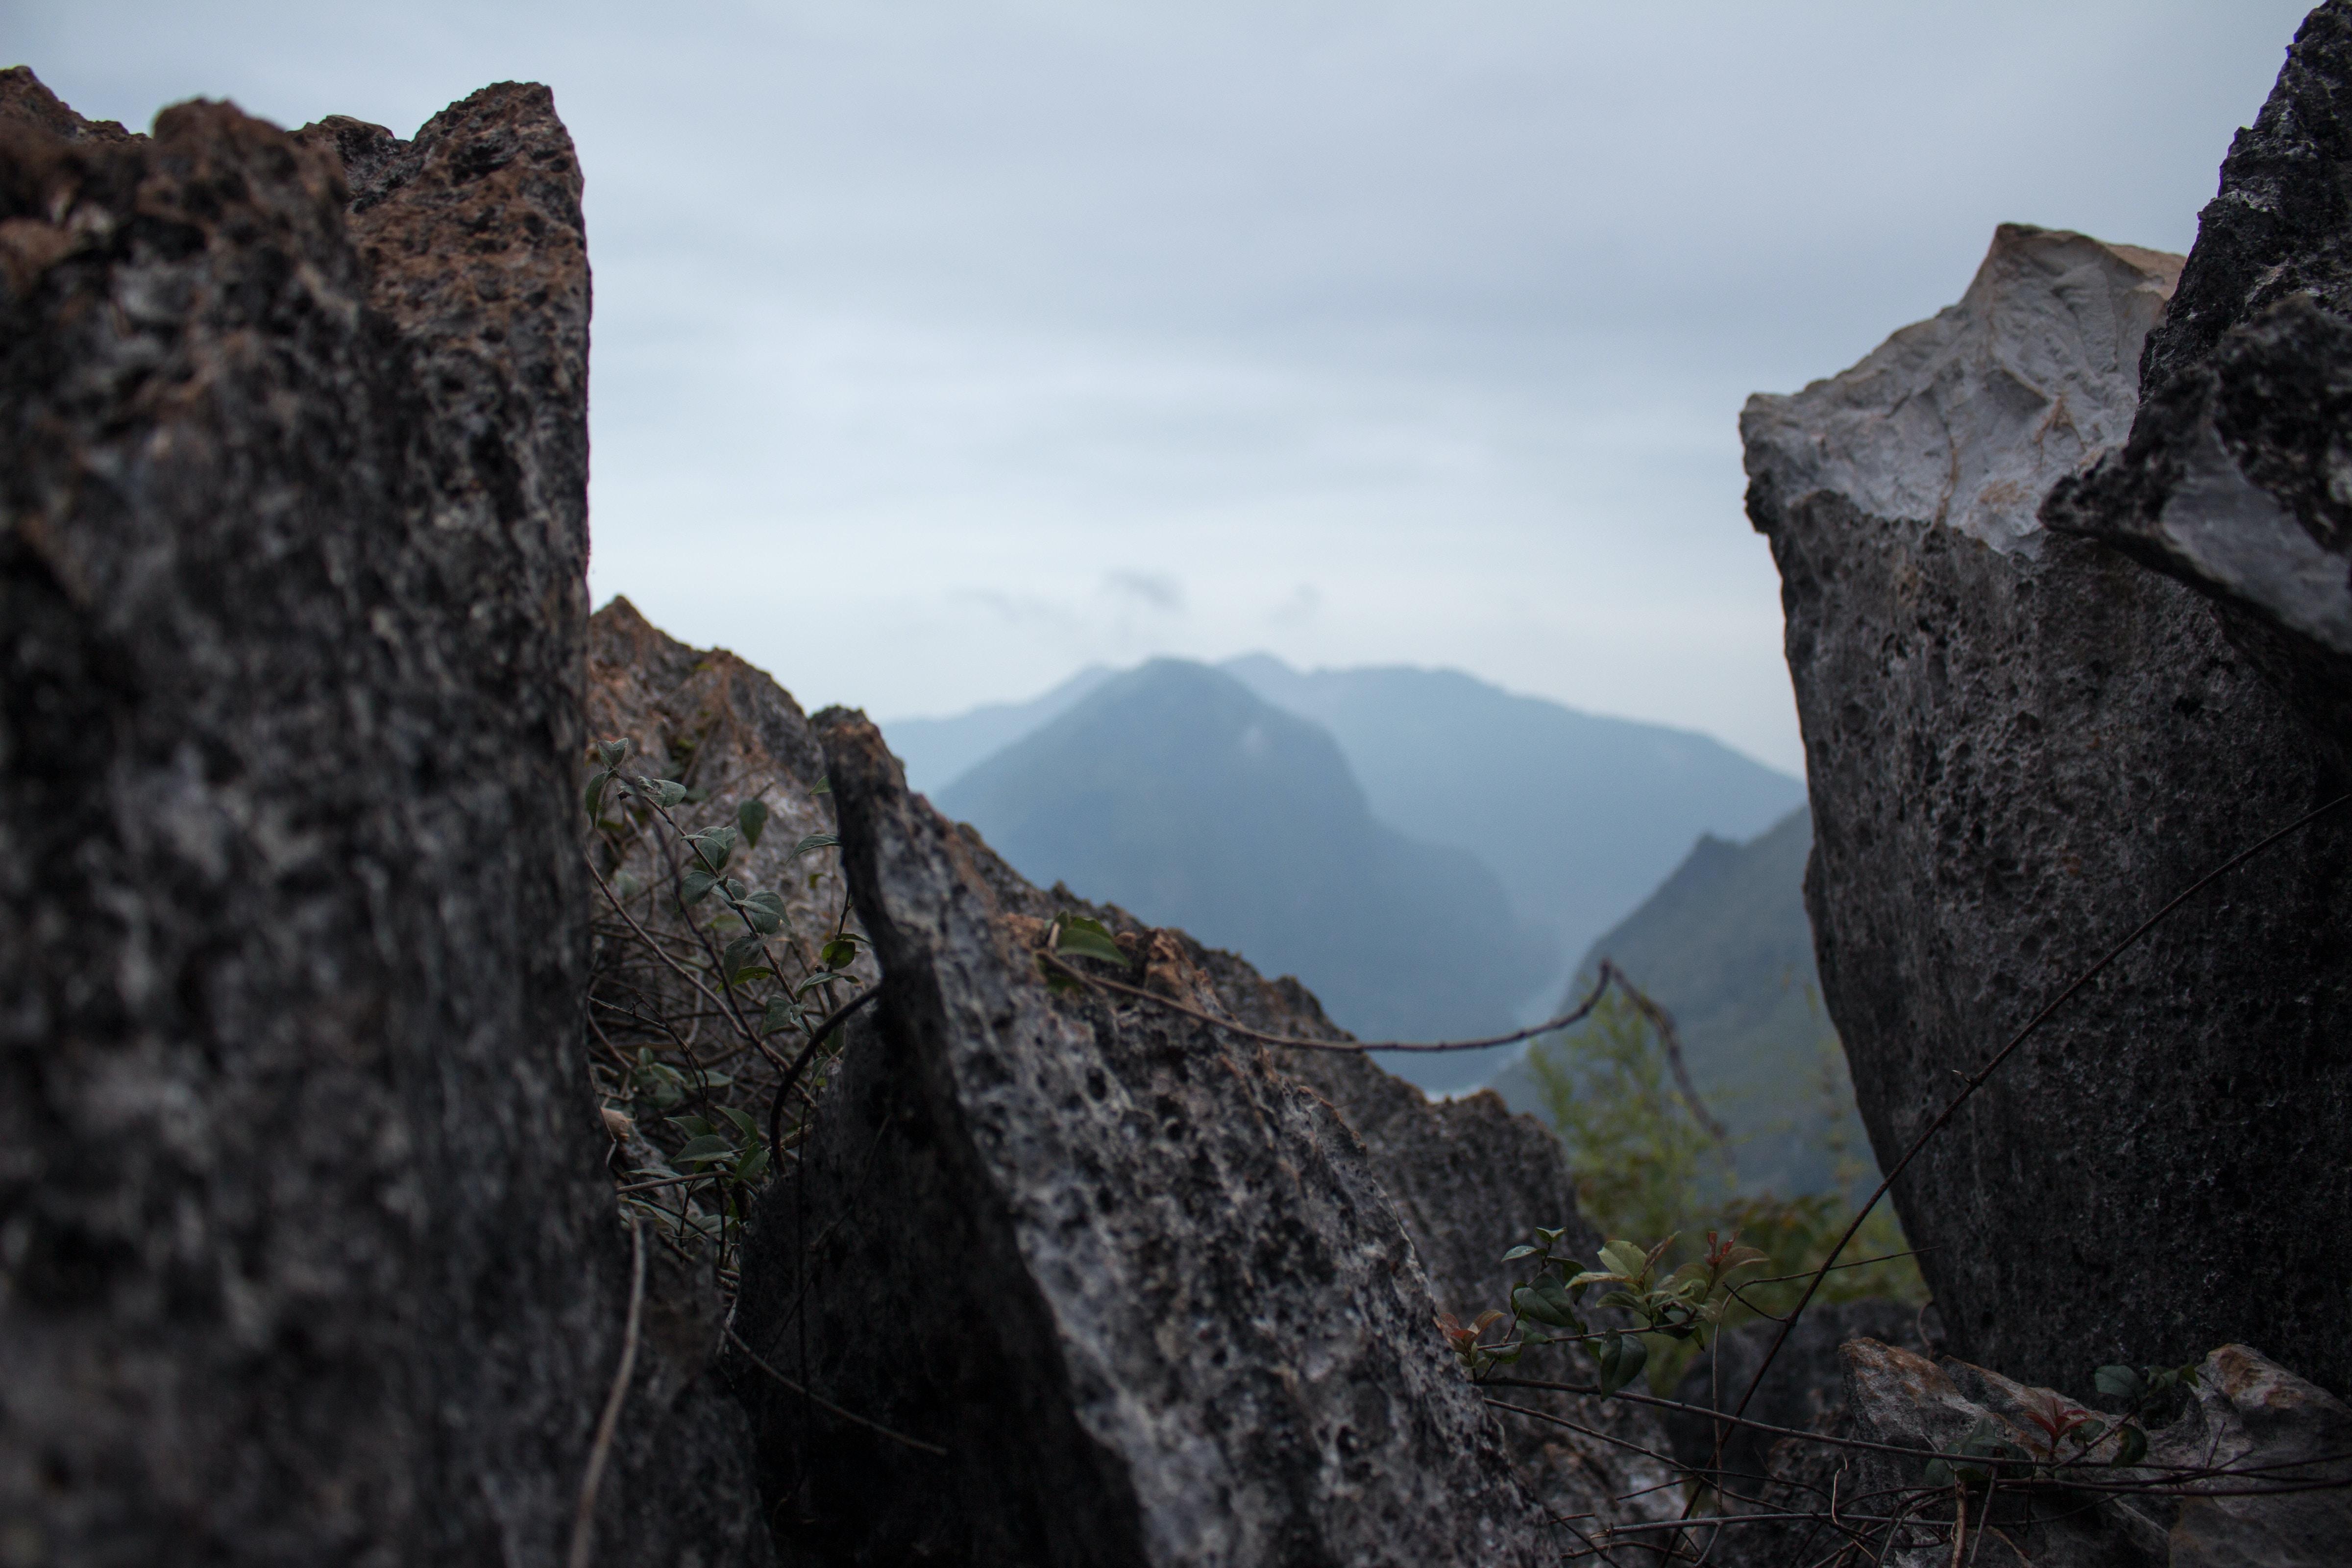 grey rock formations near green leaf plant